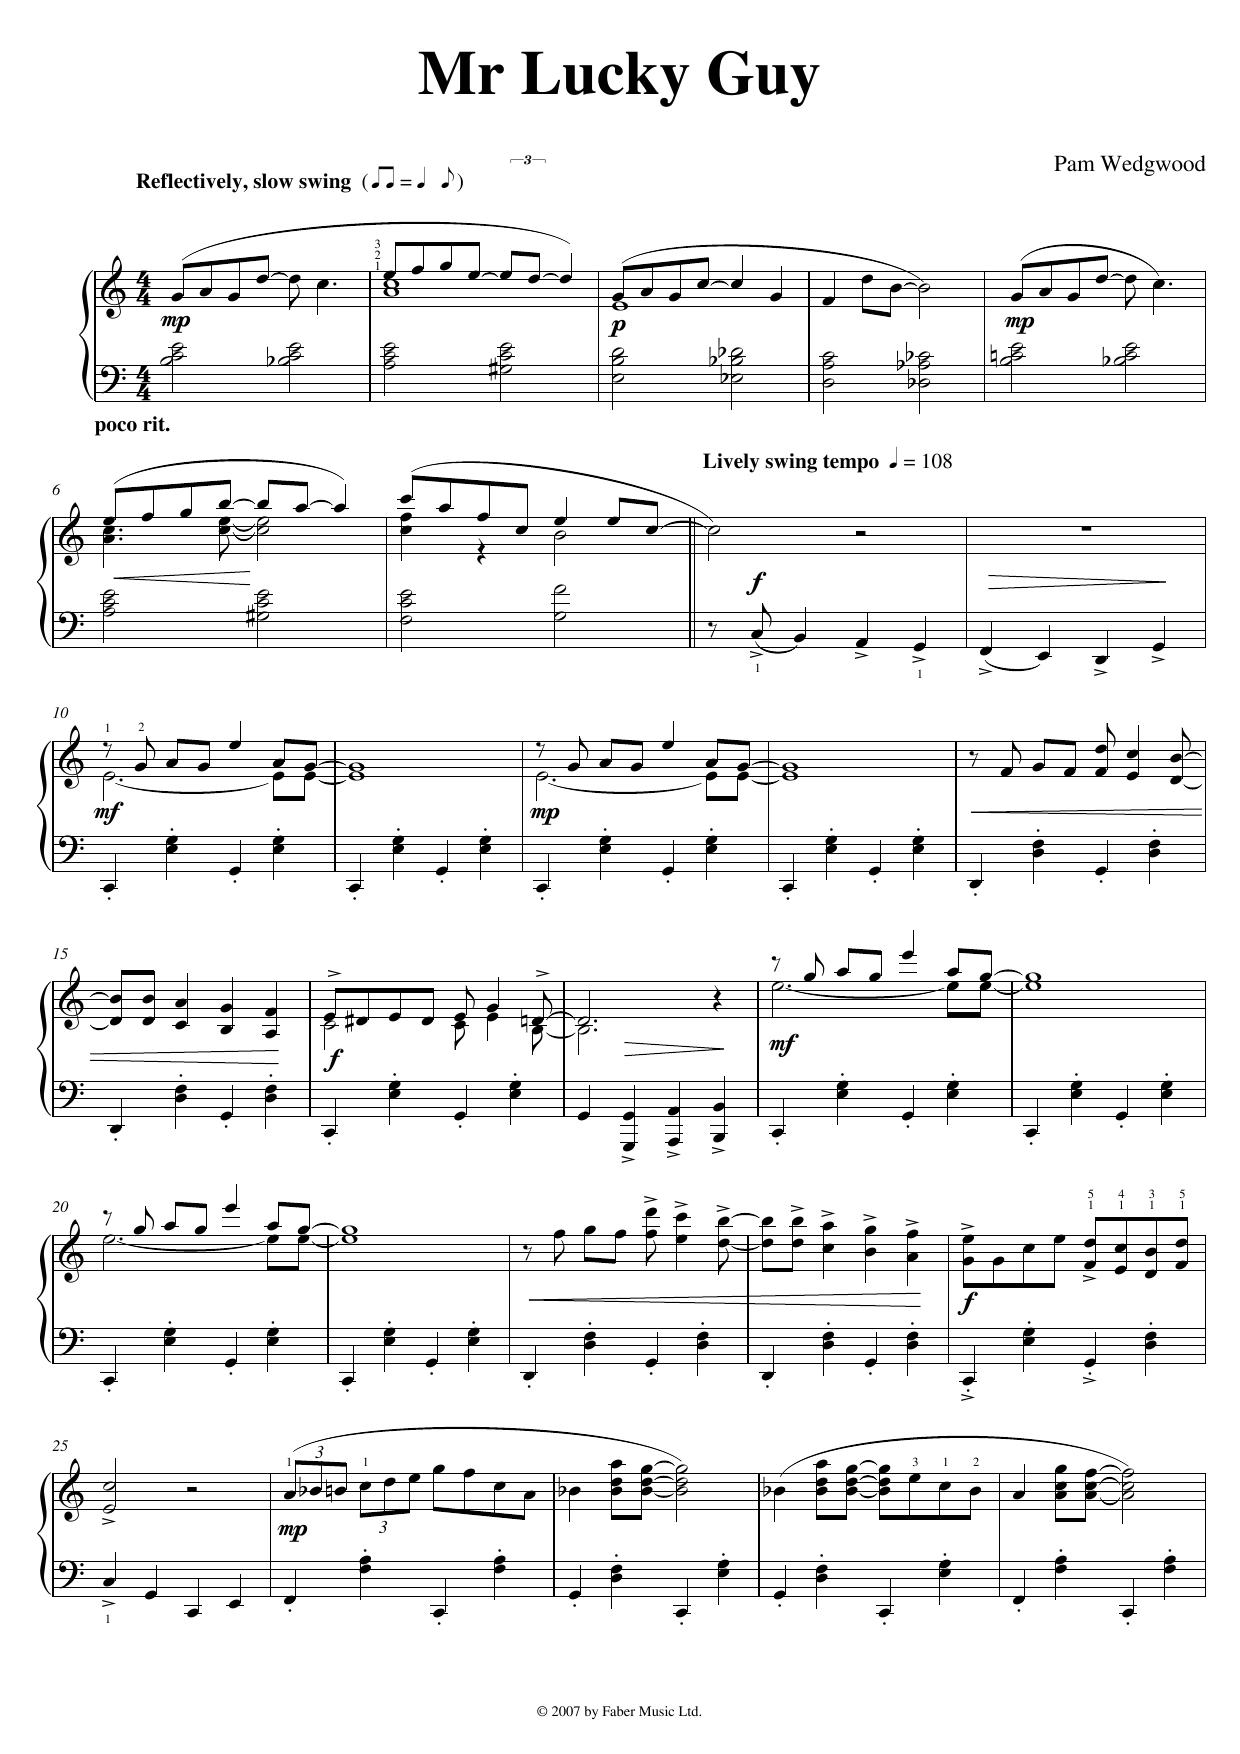 Mr. Lucky Guy Sheet Music